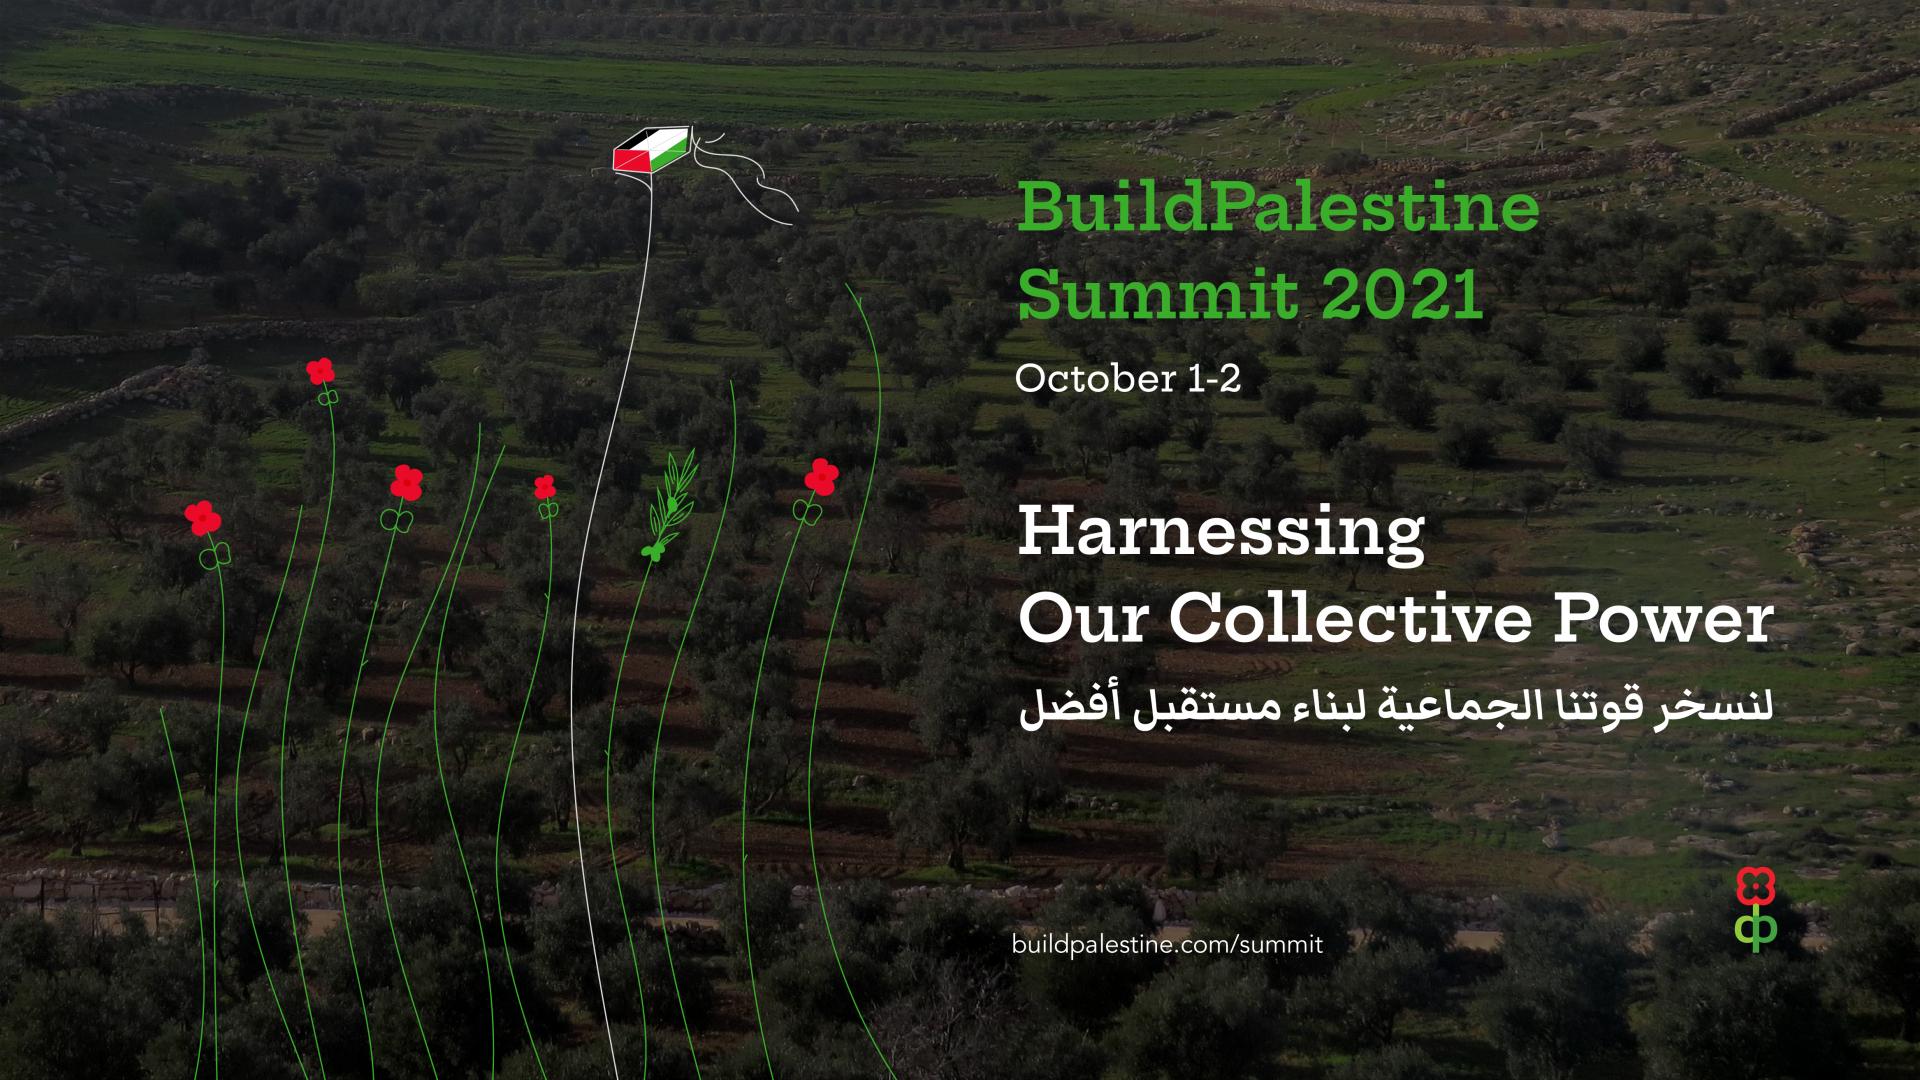 من الفلسطينيين، لفلسطين – ينطلق مؤتمر بيلدباليستاين السنوي الثاني من قواعد البيت الفلسطيني الواحد عبر فلسطين وفي الشتات.